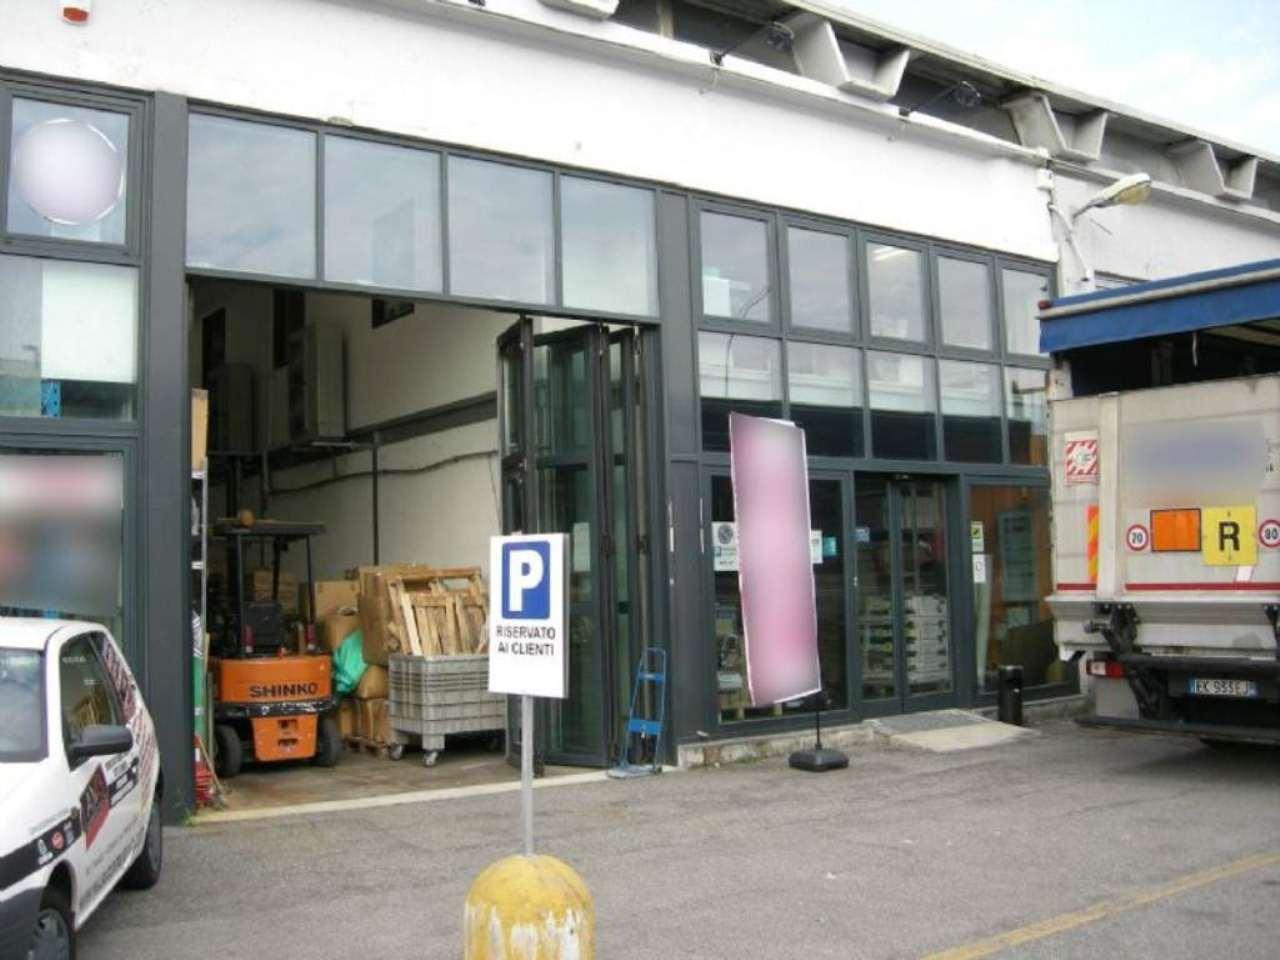 Negozio / Locale in vendita a Cernusco sul Naviglio, 9999 locali, prezzo € 360.000 | Cambio Casa.it